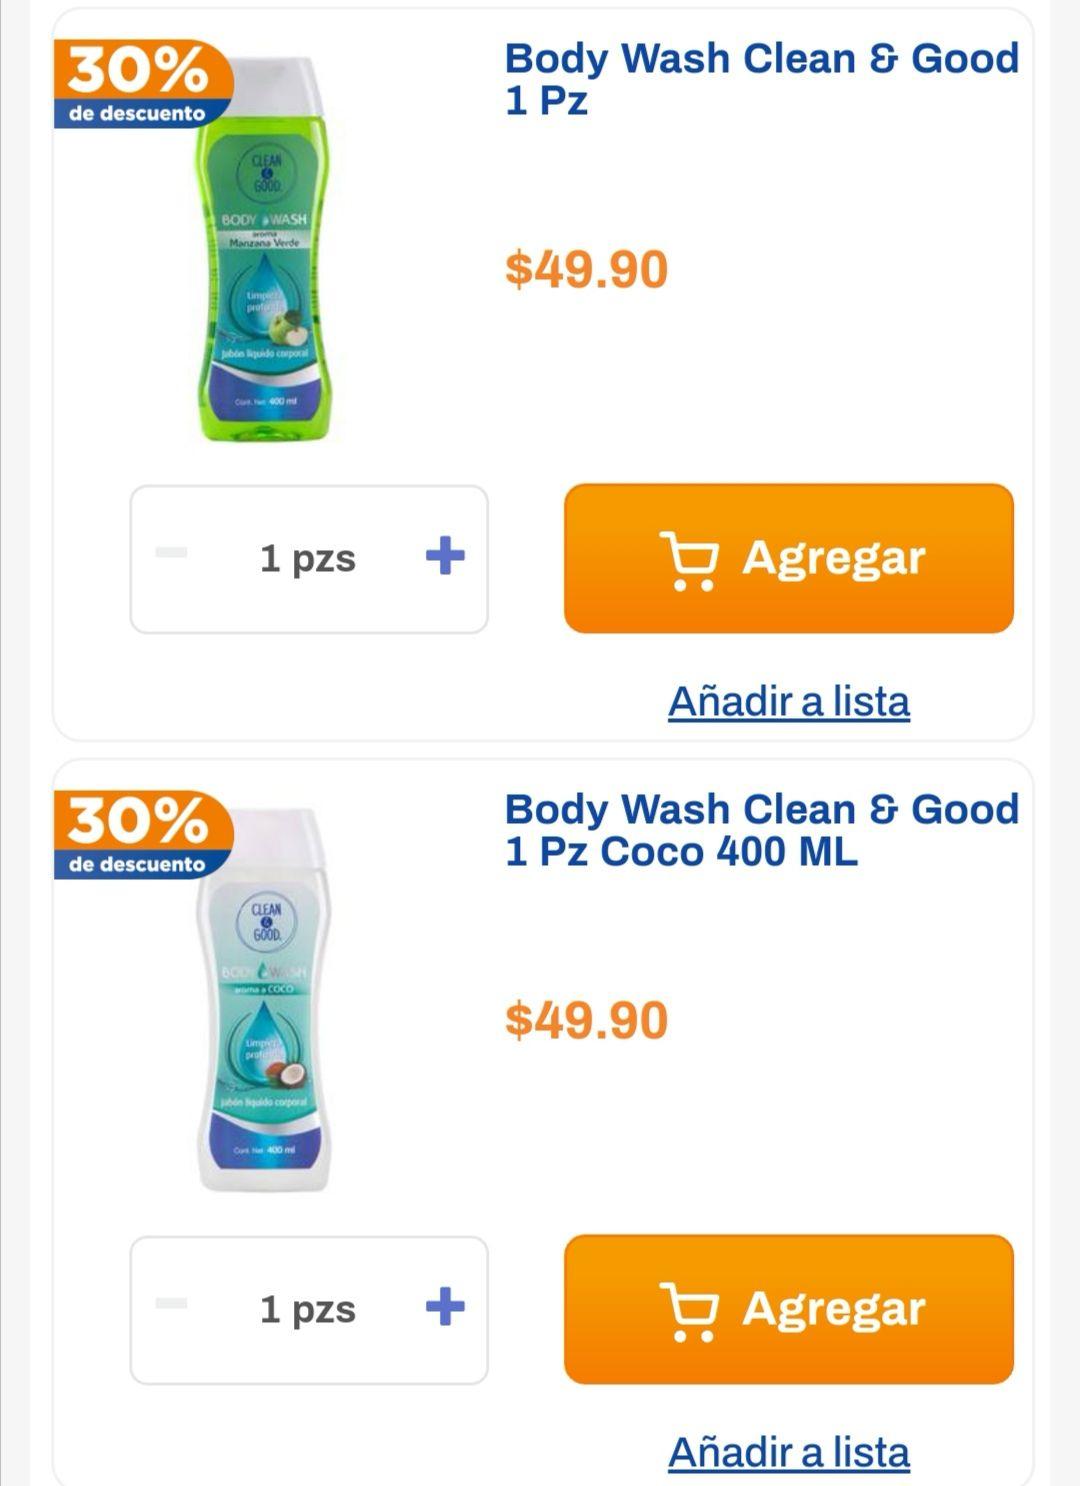 Chedraui: 30% de descuento en Body Wash Clean & Good 400 ml